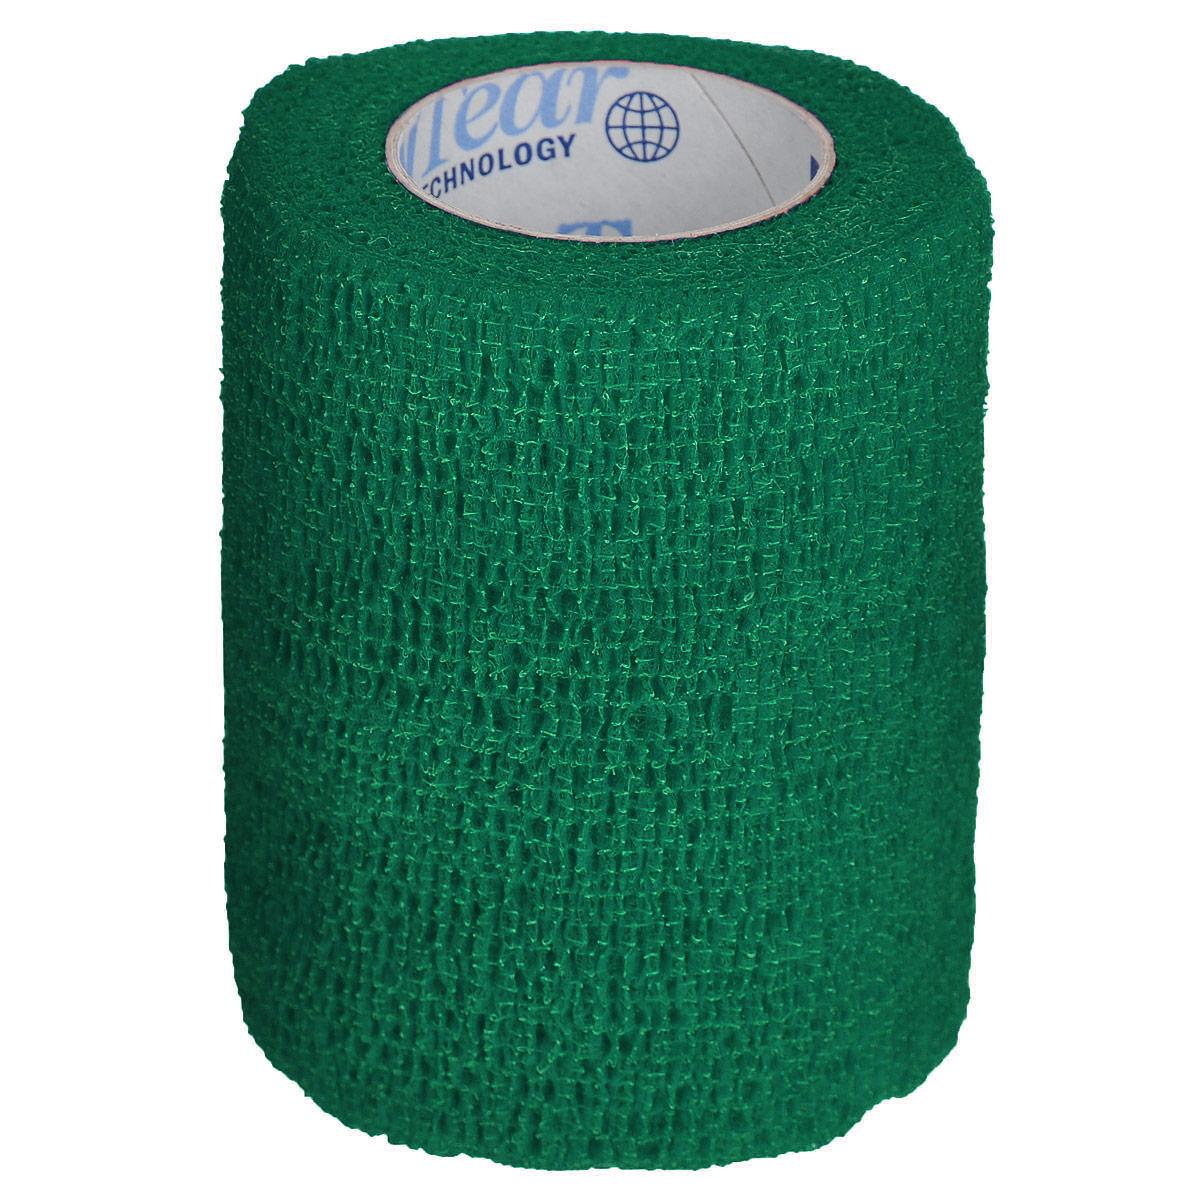 Бандаж для животных Andover Pet Flex, цвет: темно-зеленый, 7,5 см х 450 см36056/15613Бандаж для животных Andover Pet Flex - это эластичный самофиксирующийся бинт. Имеет контролируемую компрессию (оказывает оптимальное давление на мягкие ткани и кровеносные сосуды, не сдавливая и не стягивая их). При необходимости бандаж легко оторвать в ручную, без применения острых режущих предметов (ножниц). Бандаж легко наносится, снимается, моделируется (не прилипает к коже и шерсти, не смещается) - нет необходимости в зажимах или других фиксаторах. Воздухопроницаем и влагонепроницаем, что обеспечивает защиту от грязи и влаги.Длина: 4,5 м.Ширина: 7,5 см.